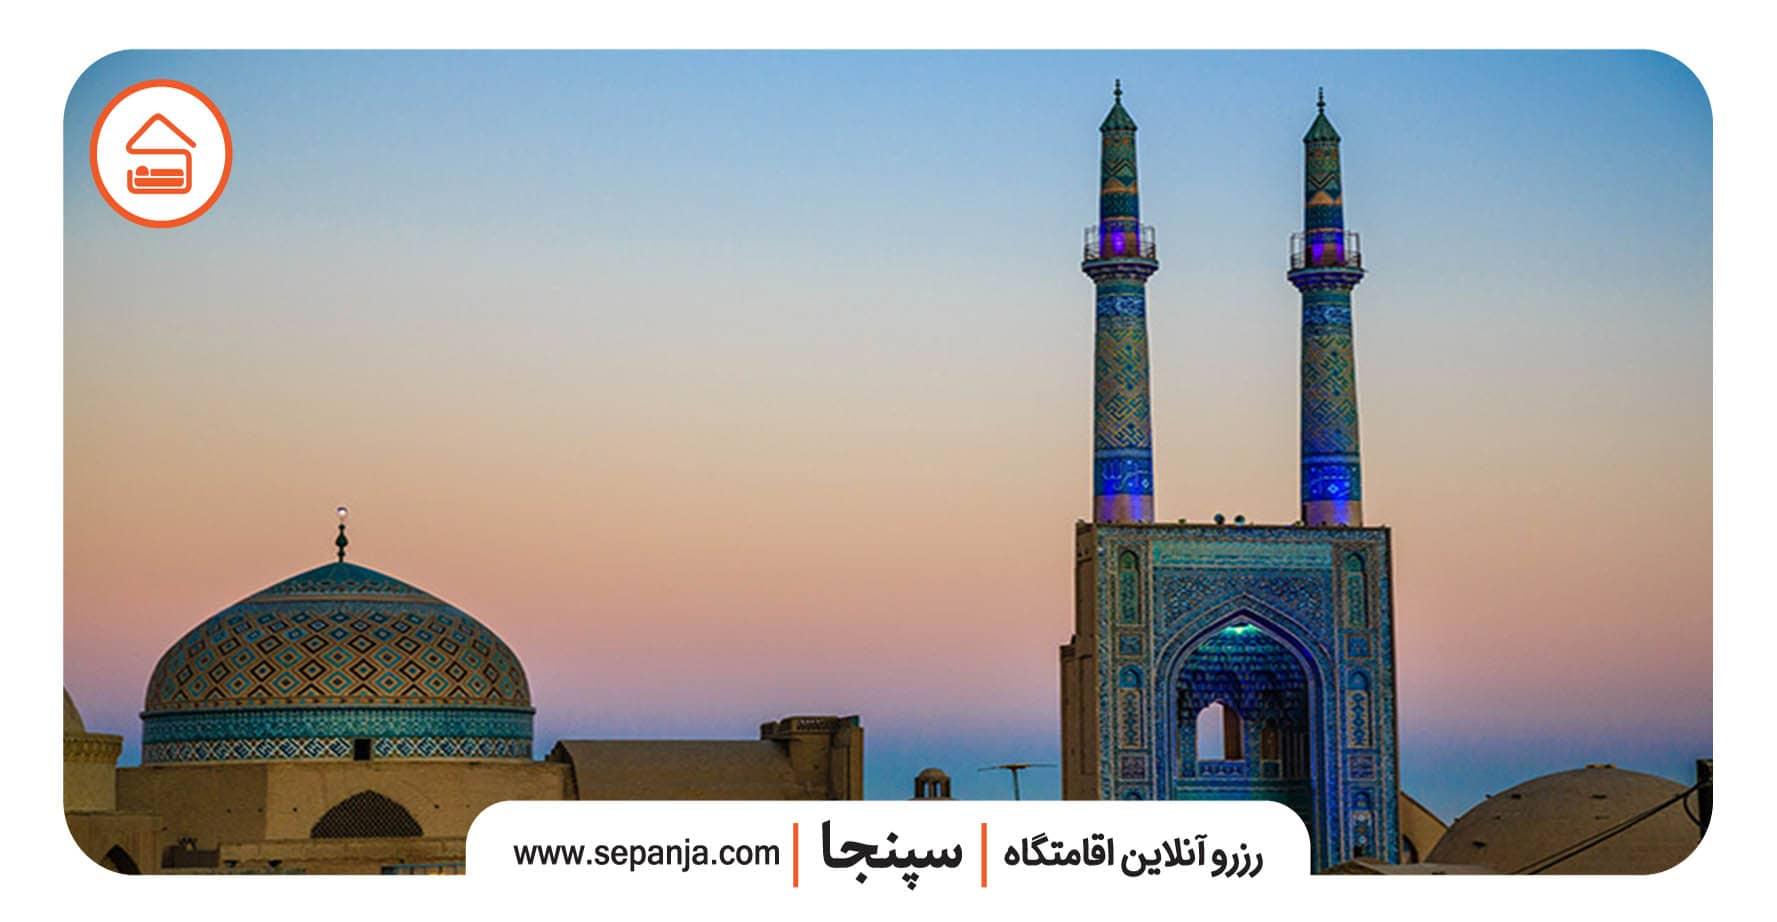 مسجد جامع یزد از بهترین جاهای دیدنی شهر